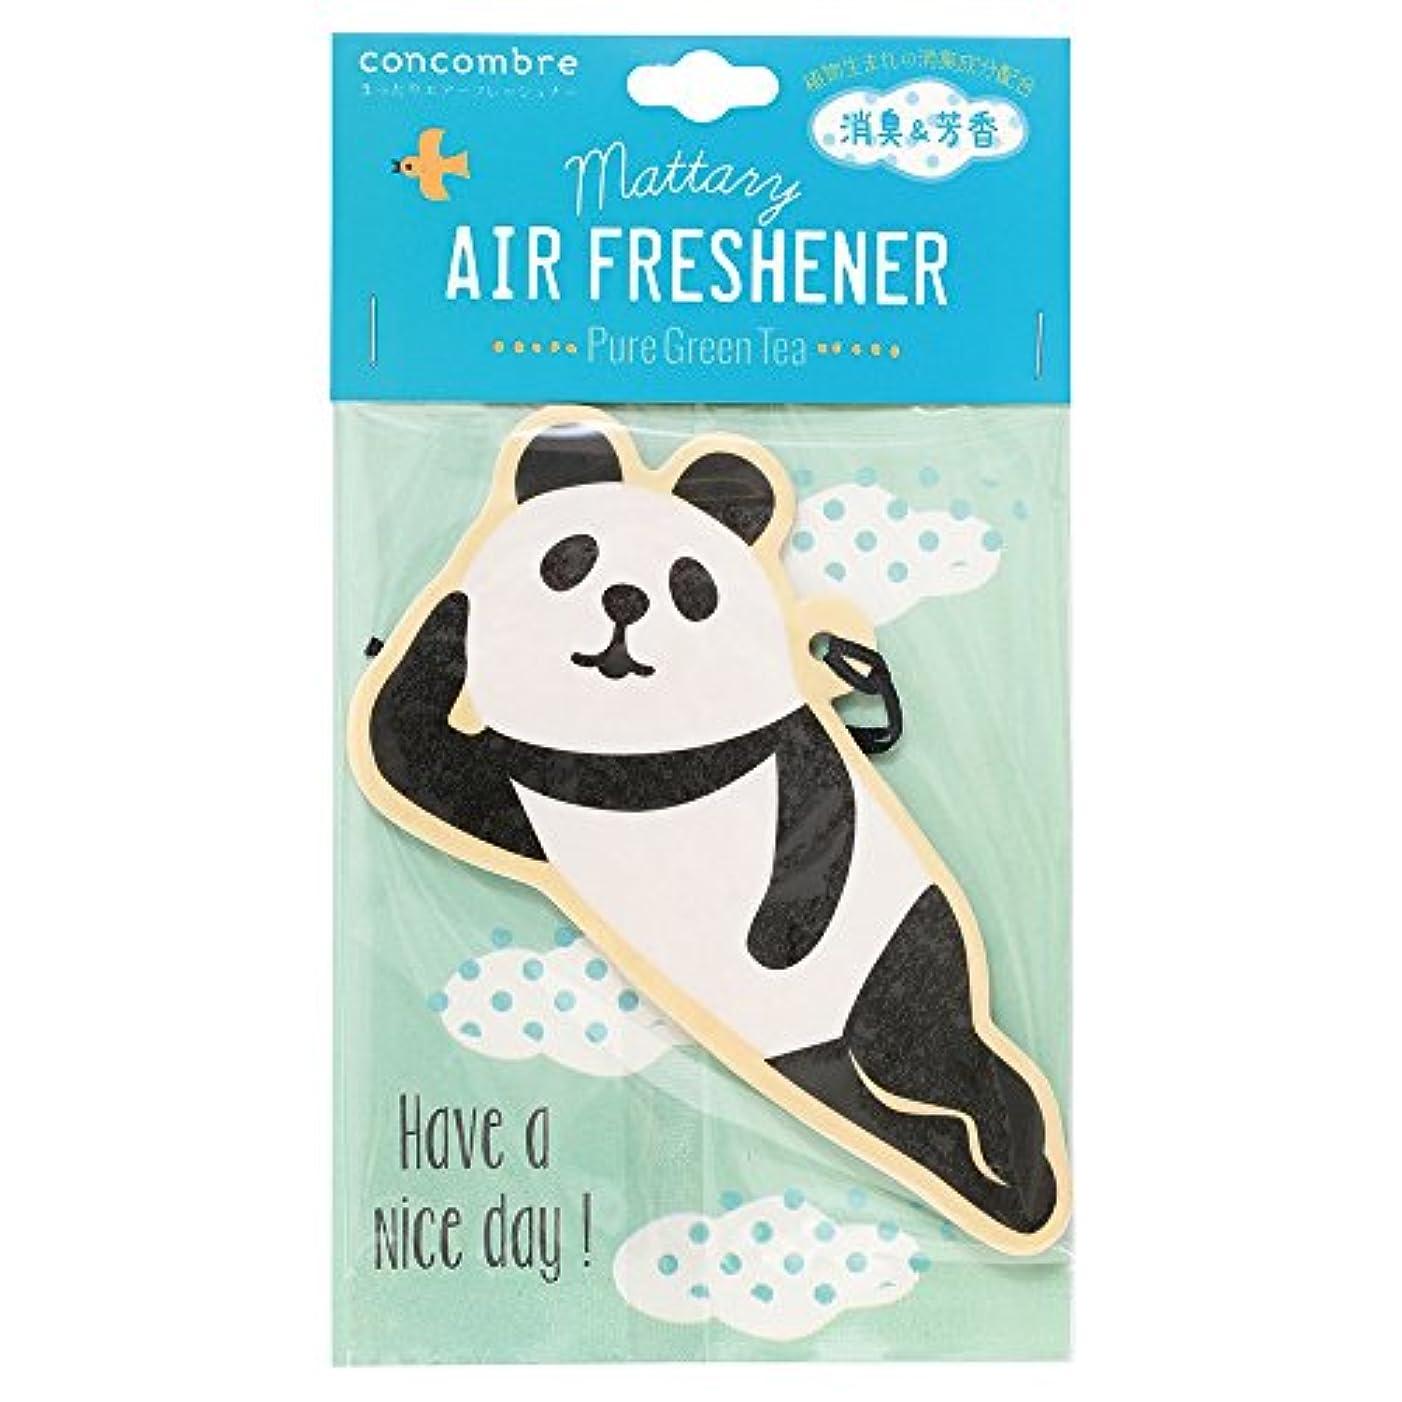 思われるモーターバスルームconcombre 芳香剤 まったりエアーフレッシュナー 吊り下げ 消臭成分配合 グリーンティーの香り OA-DKA-5-4